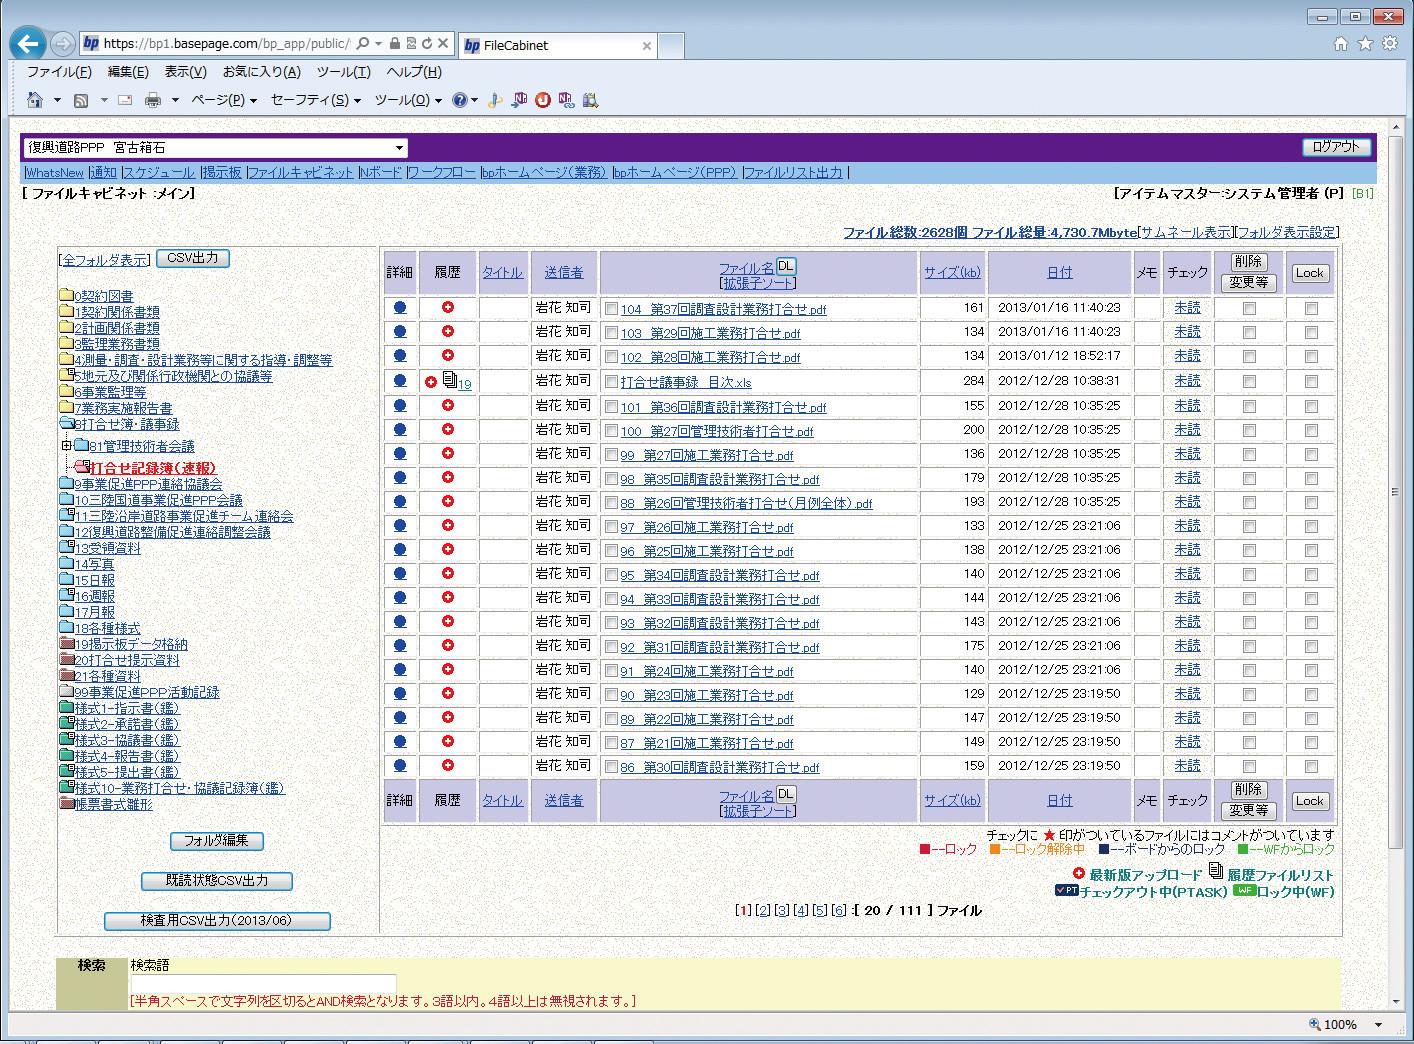 図-2 情報共有システム(basepage)のファイル管理機能